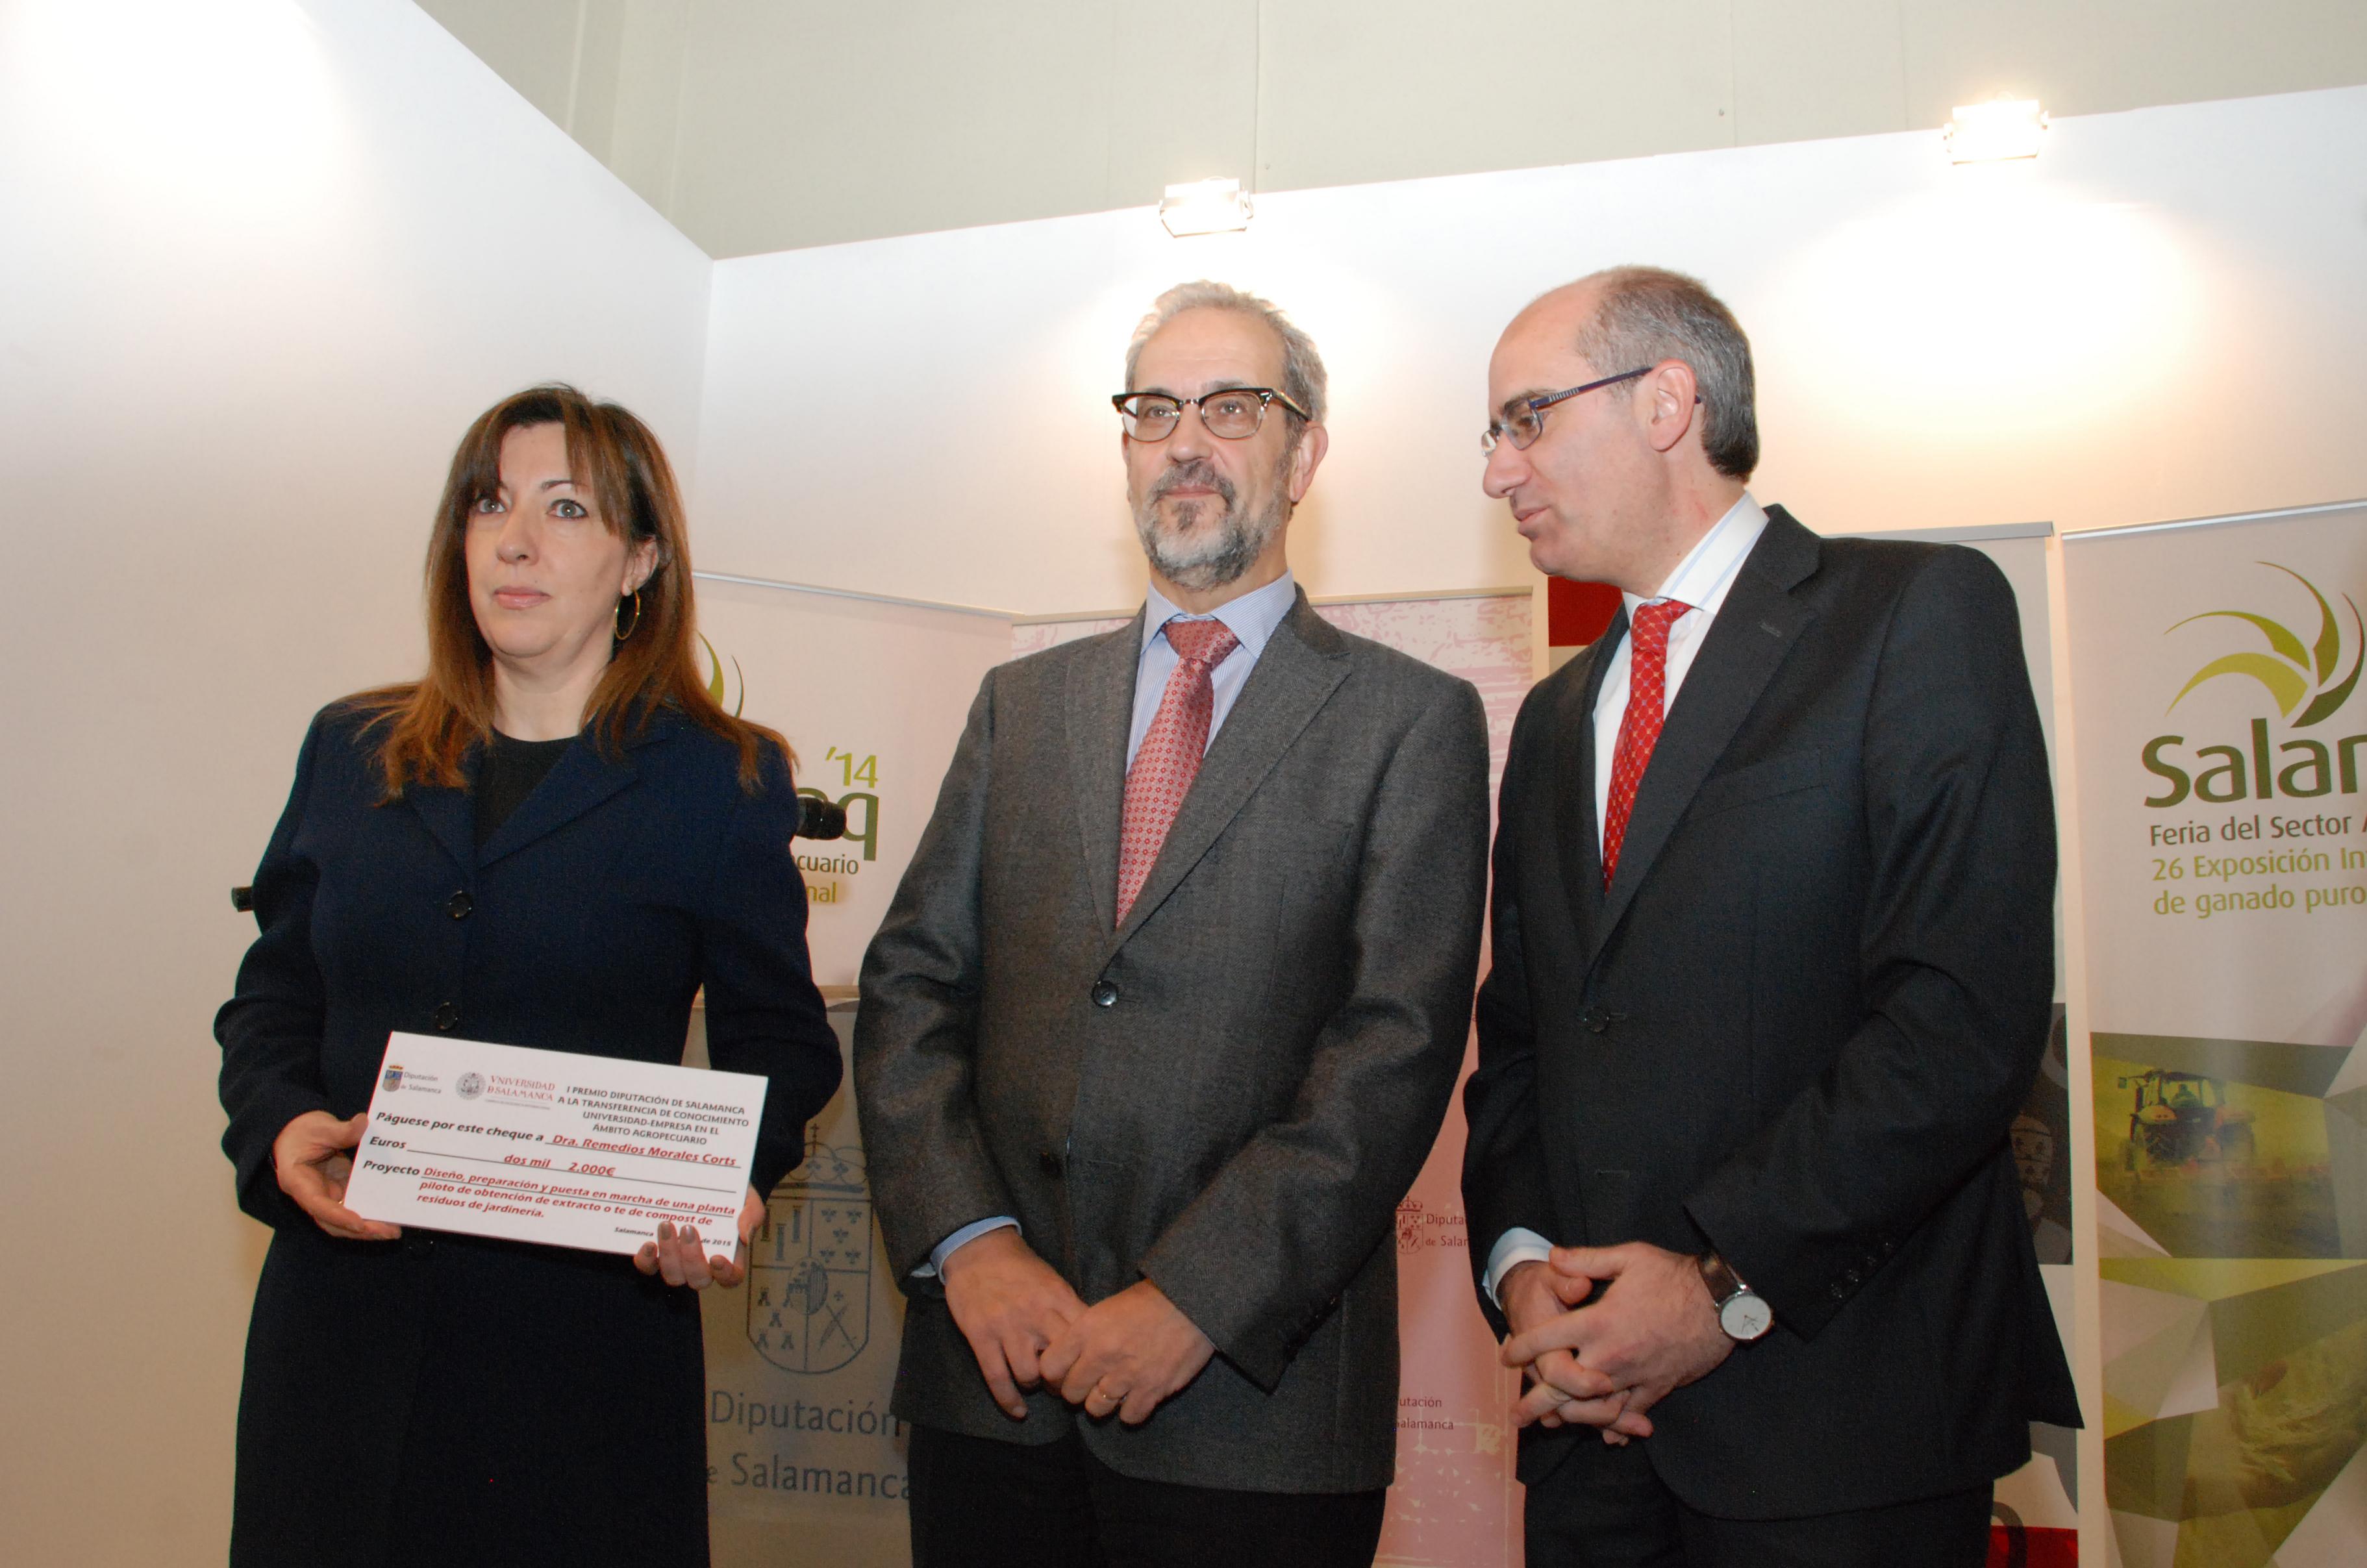 Dos investigadores de la Universidad de Salamanca, premiados por su labor en la transferencia de conocimiento al ámbito agropecuario